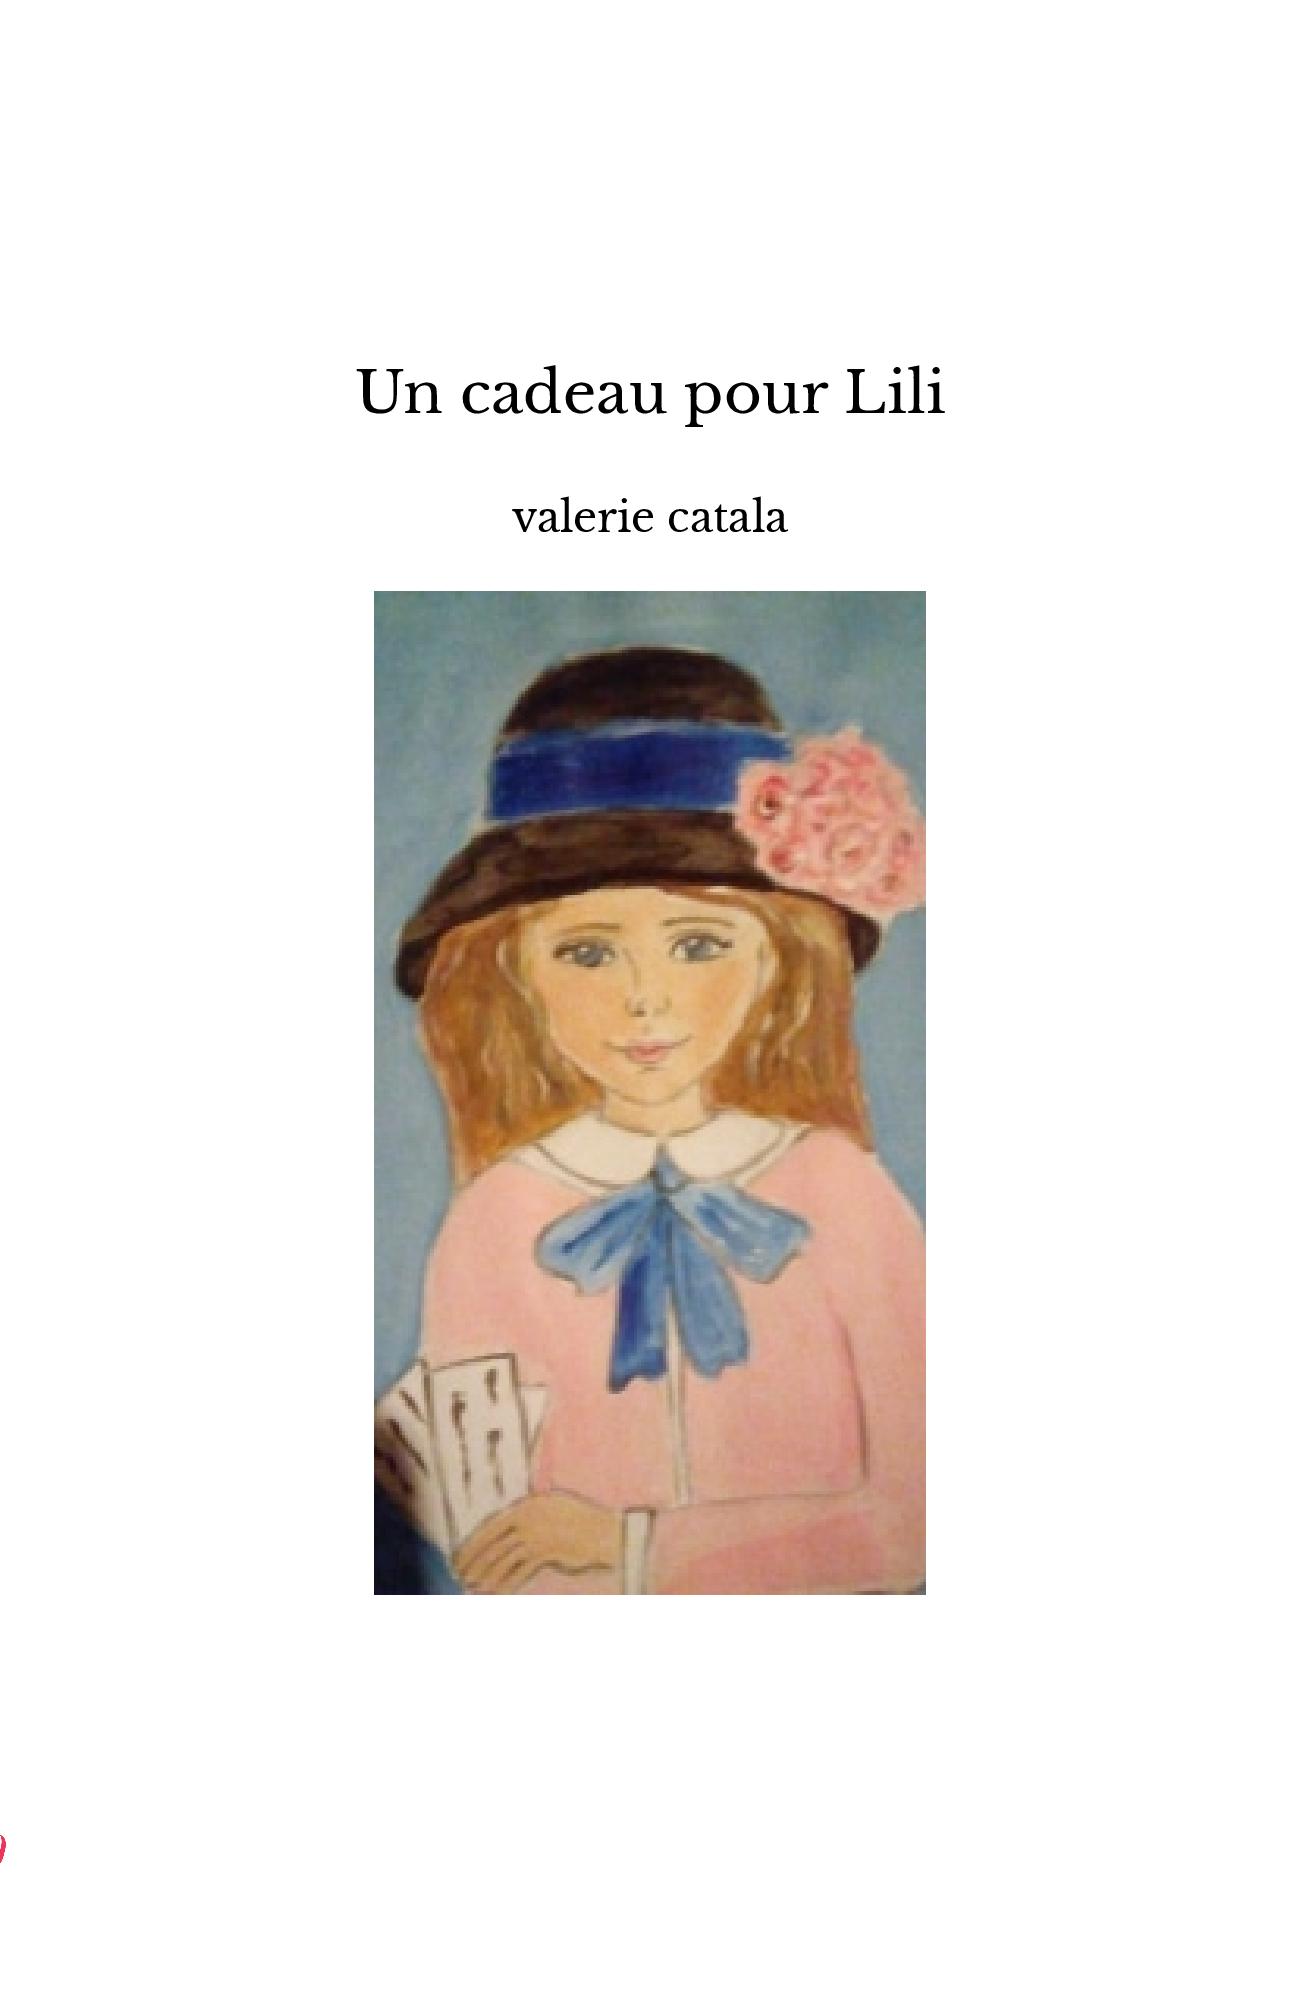 Un cadeau pour Lili